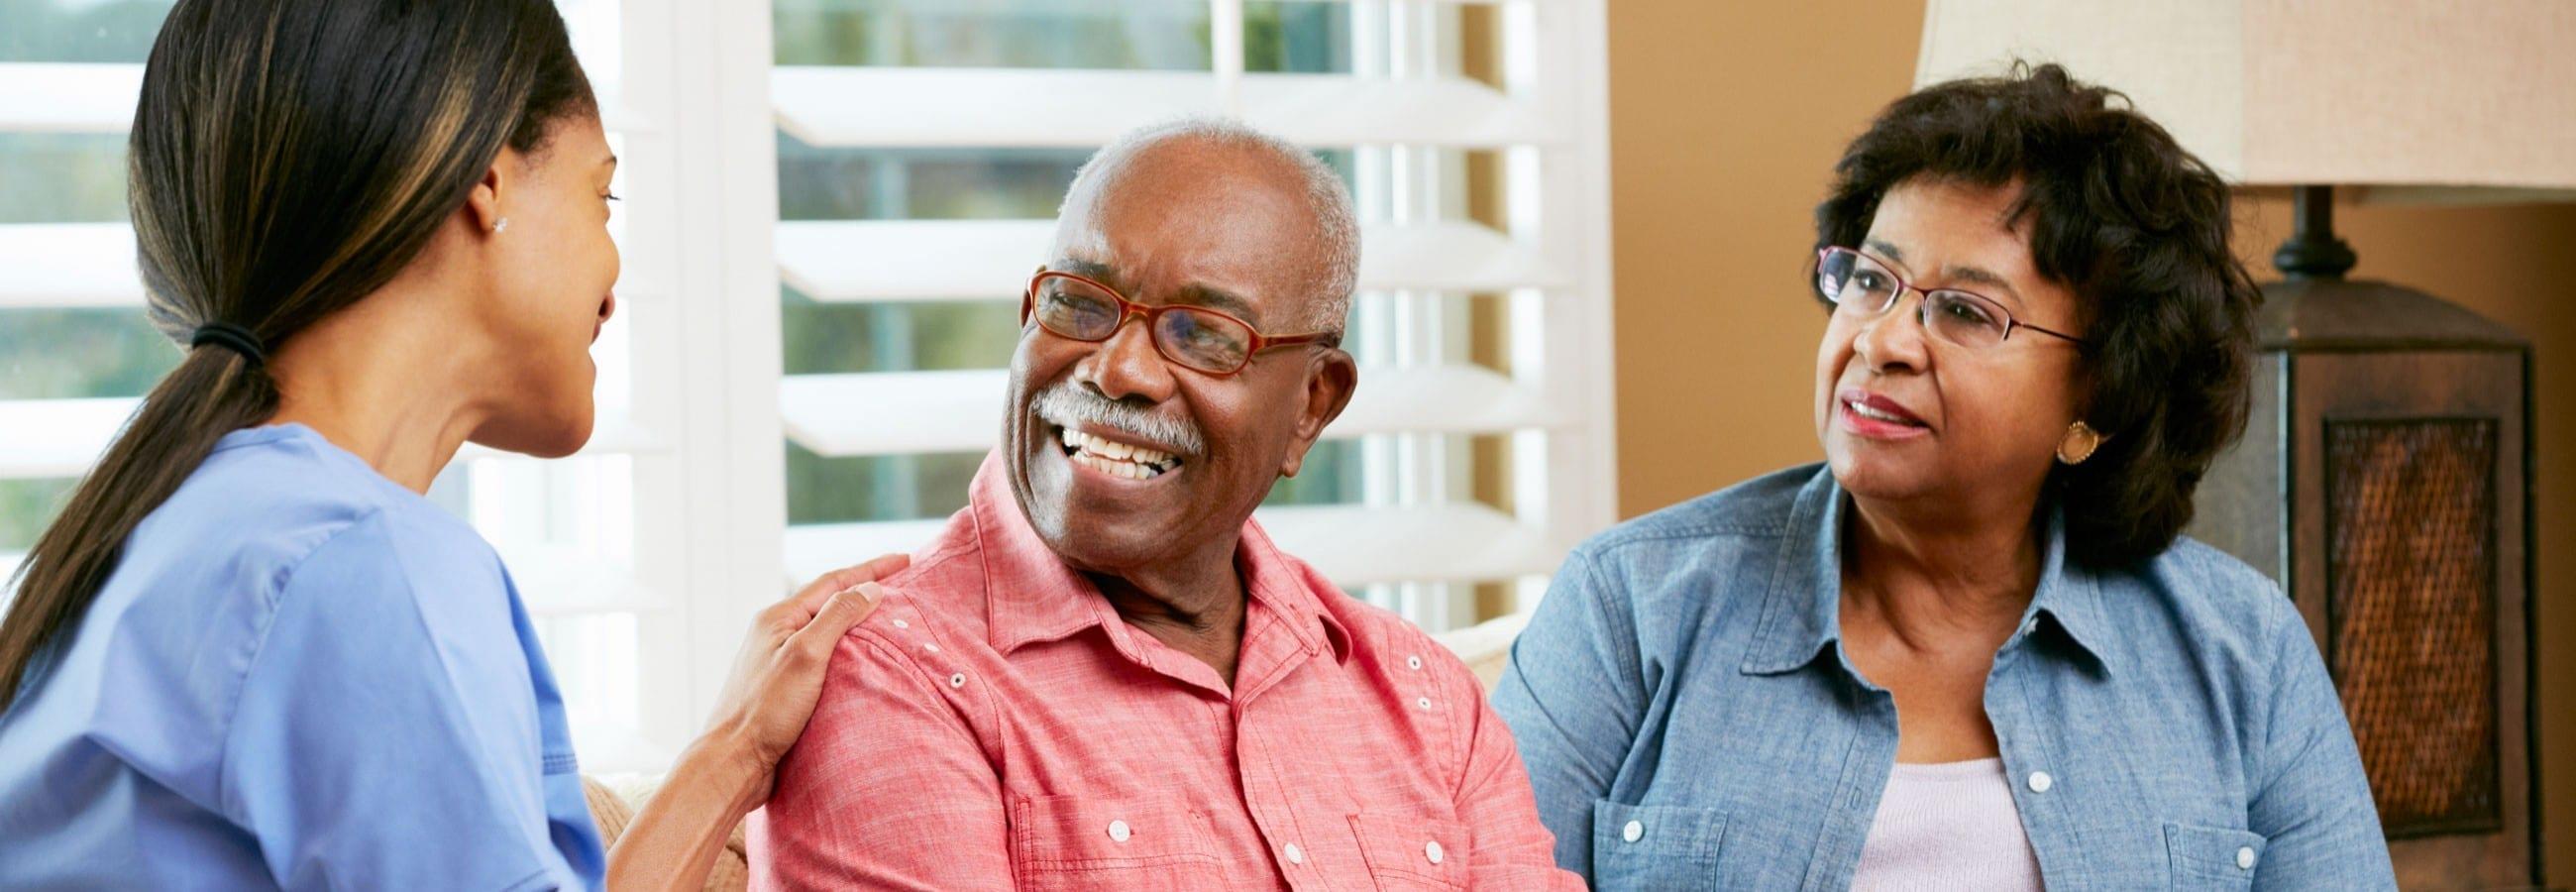 Caregiver with seniors